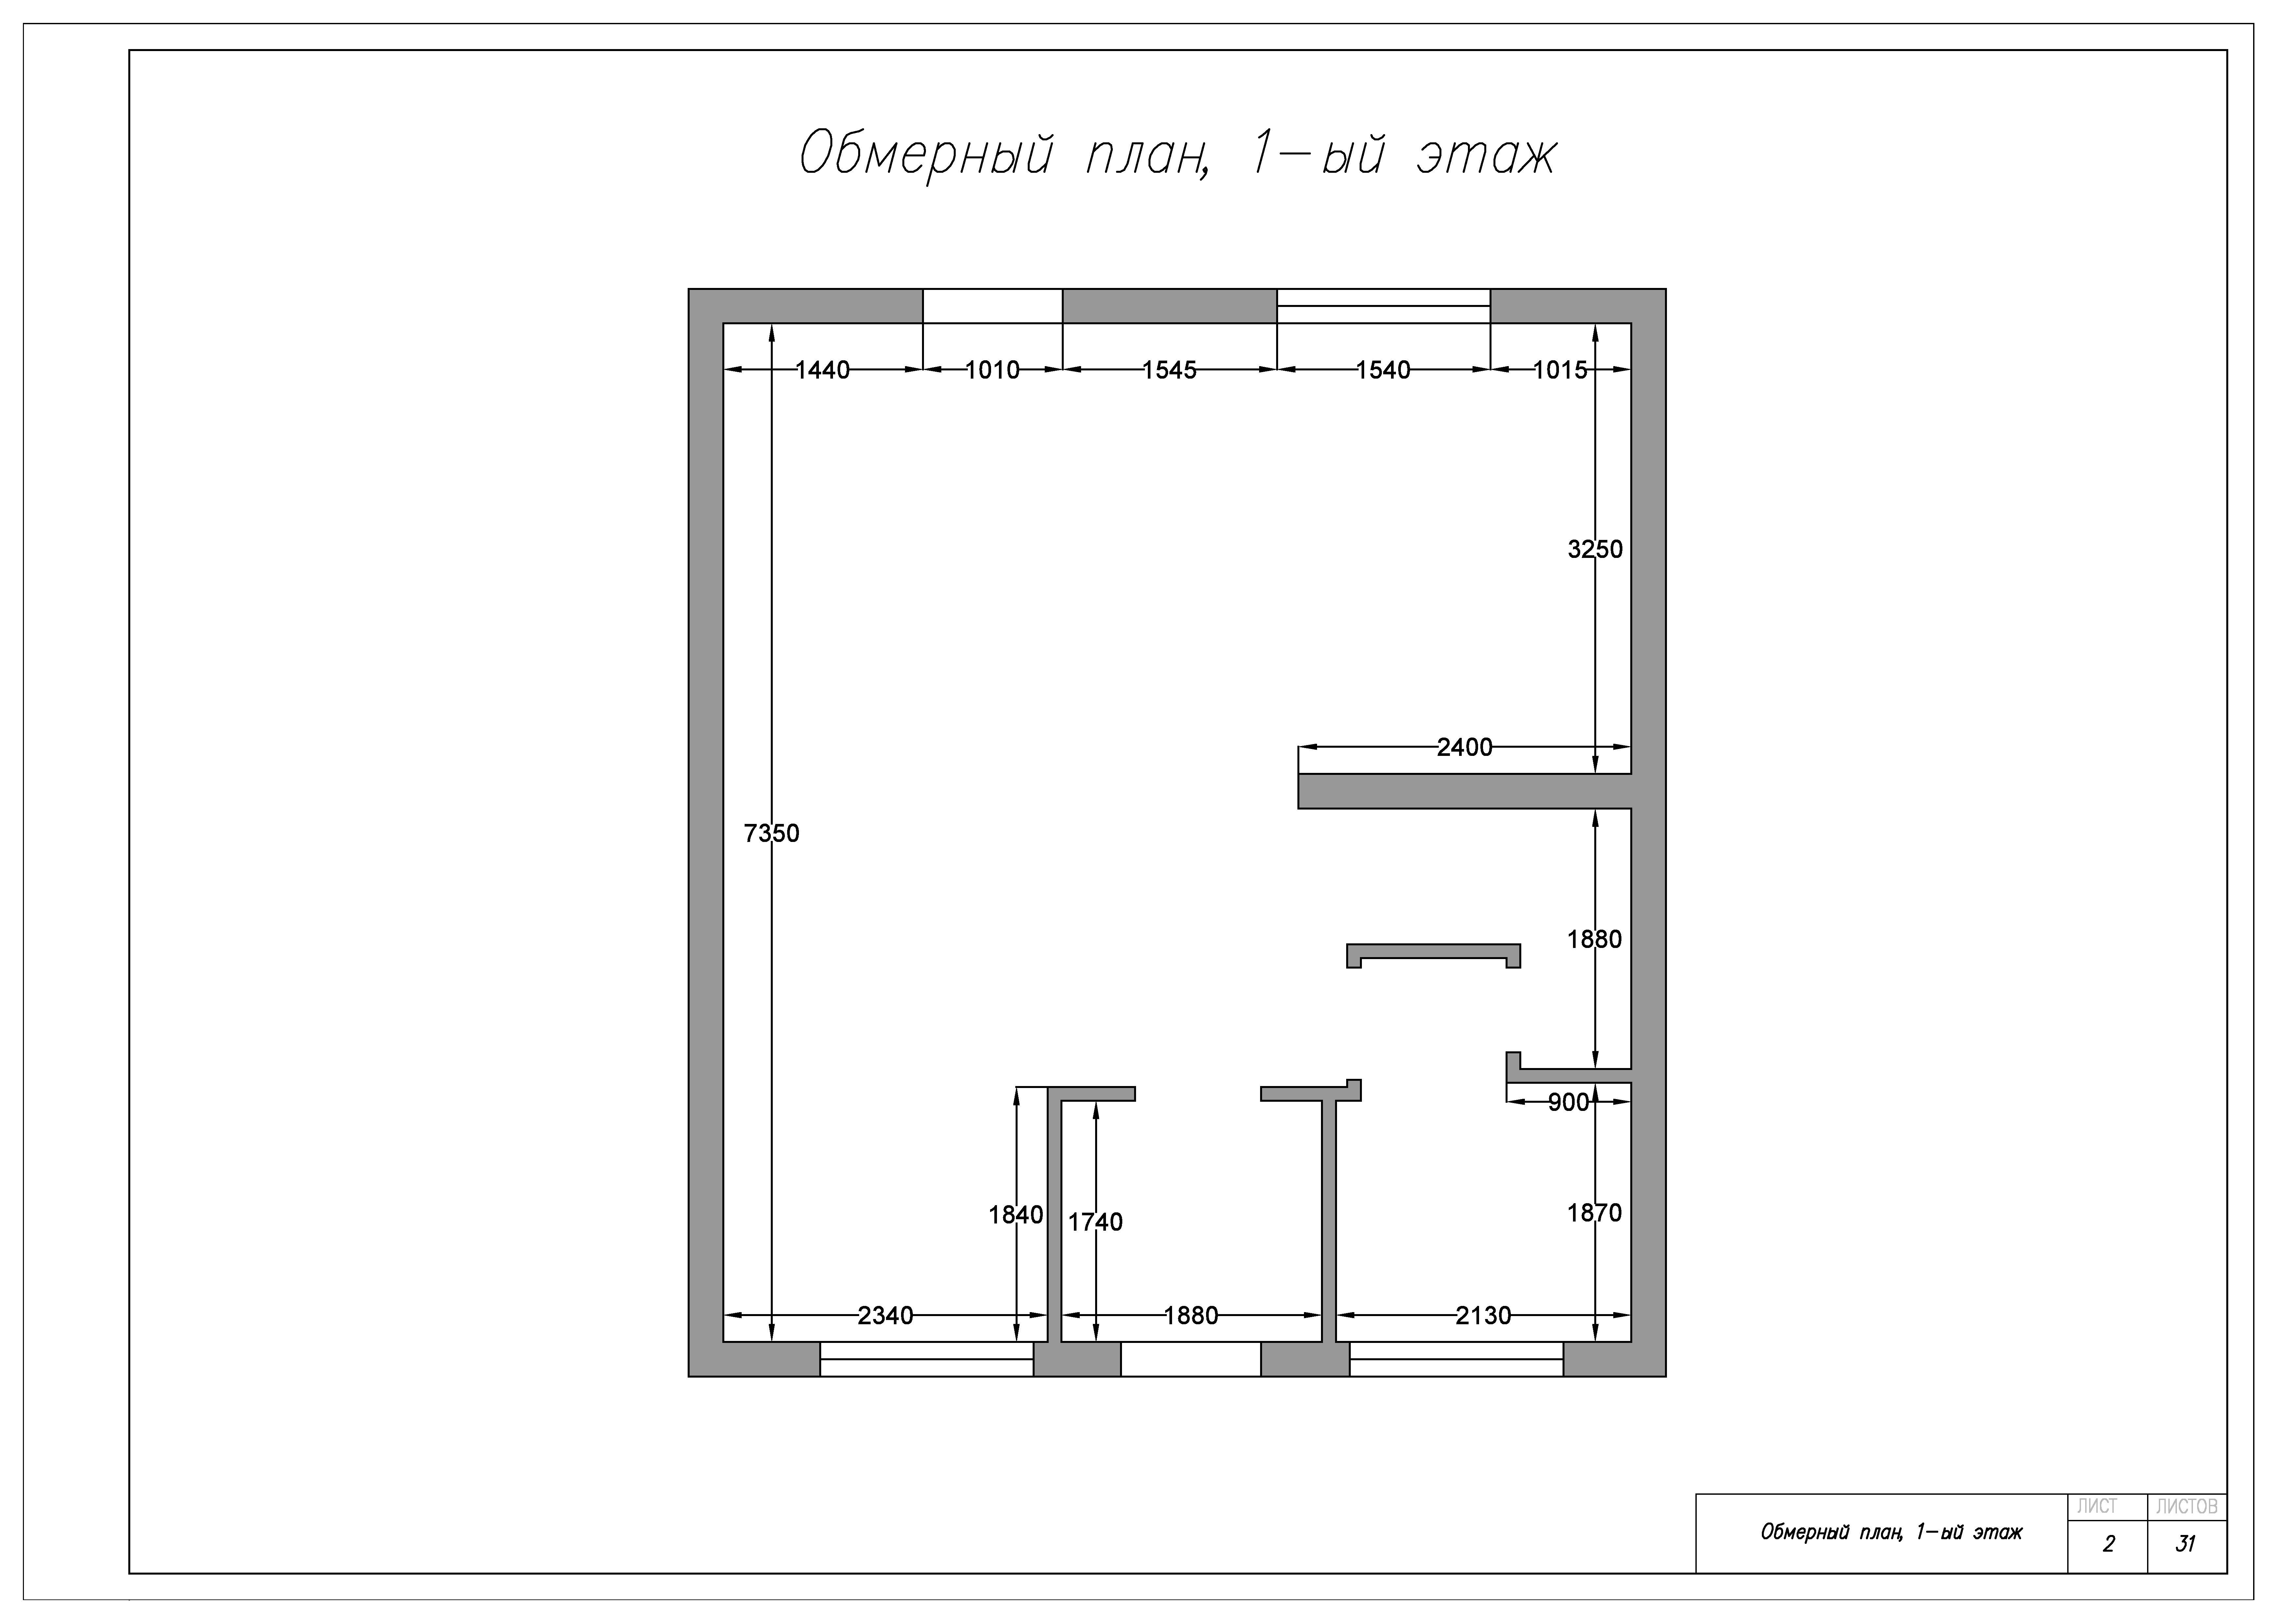 Обмерный план, 1 этаж